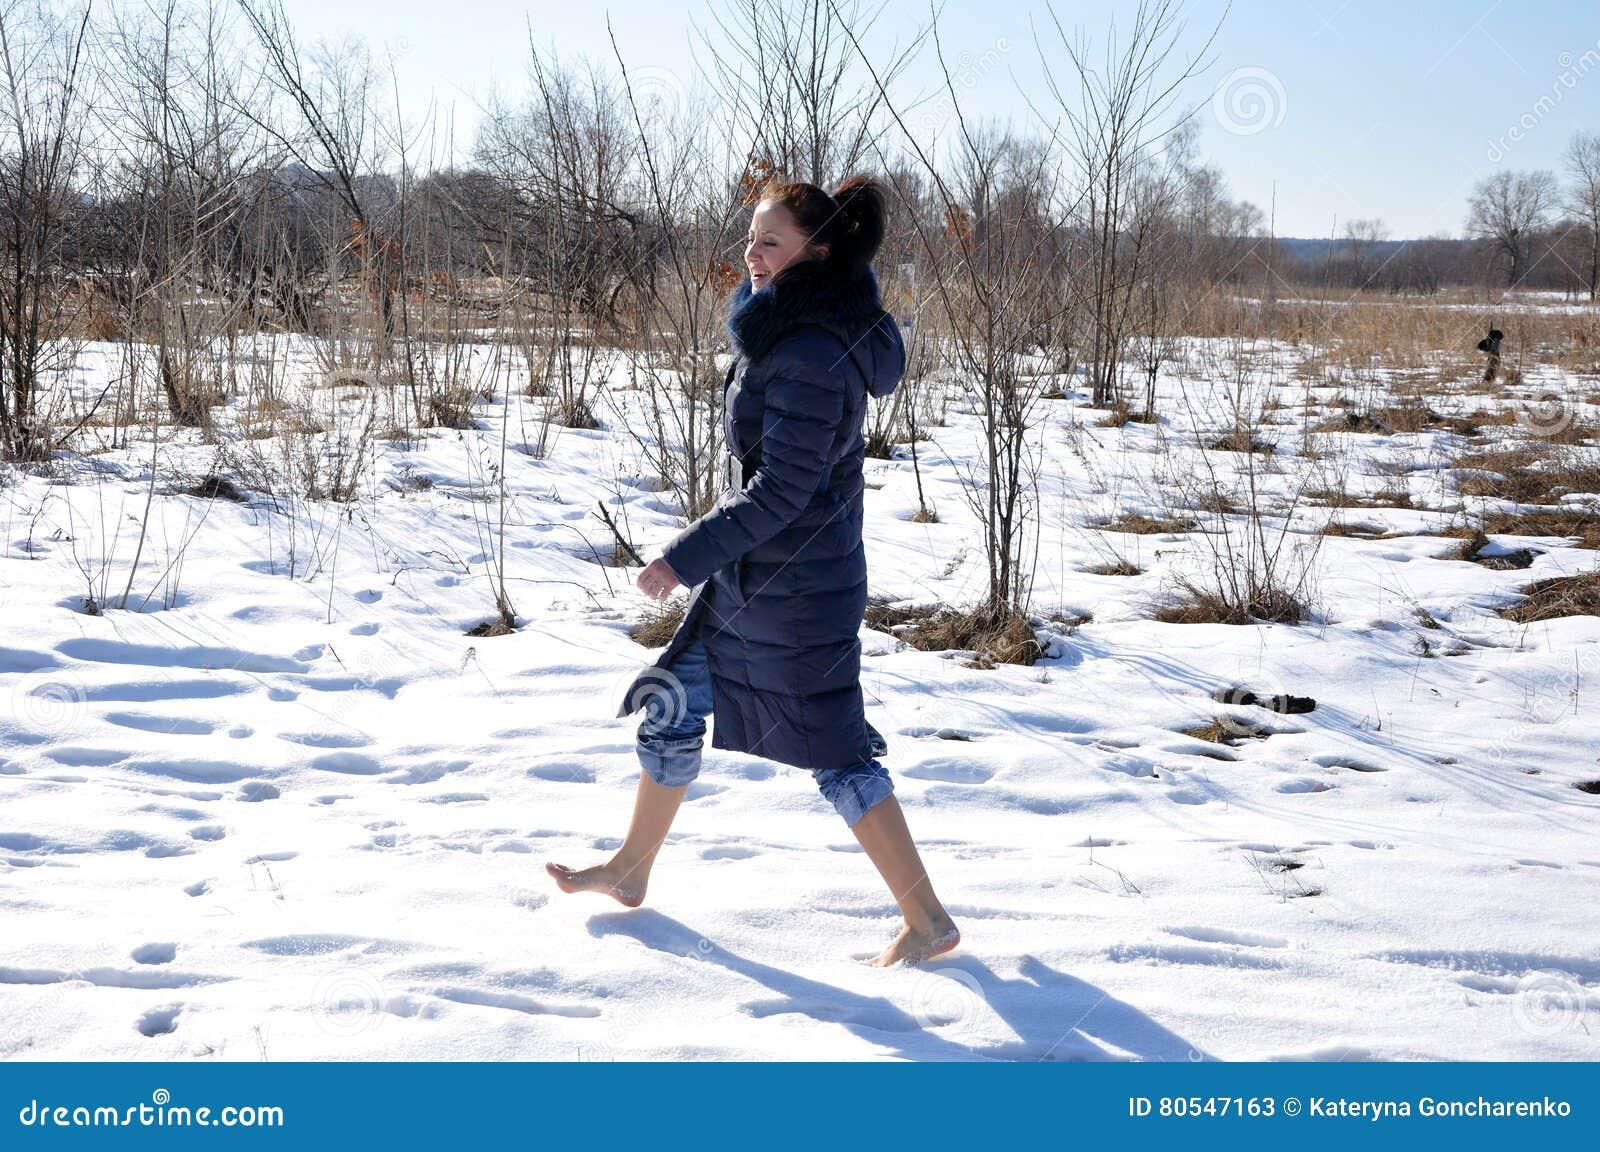 jolie fille marchant nu pieds sur la neige image stock image du pieds mignon 80547163. Black Bedroom Furniture Sets. Home Design Ideas